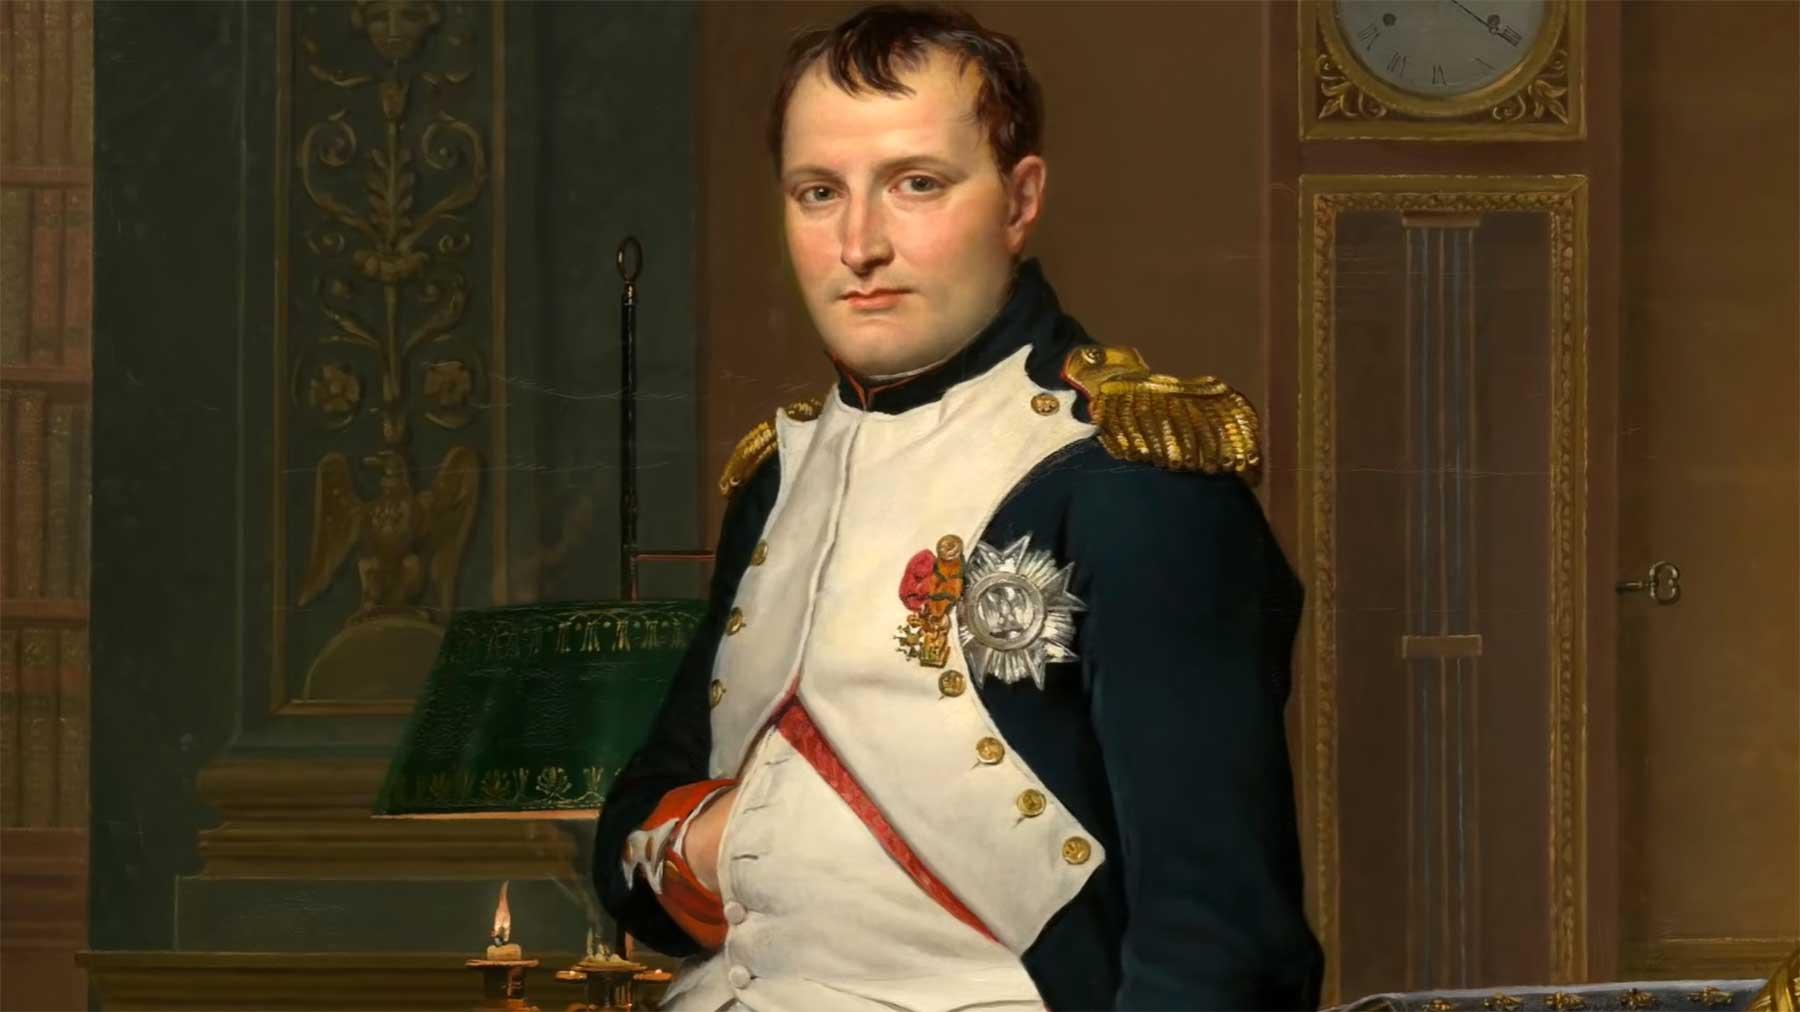 Deshalb hat Napoleon seine Hand verdeckt